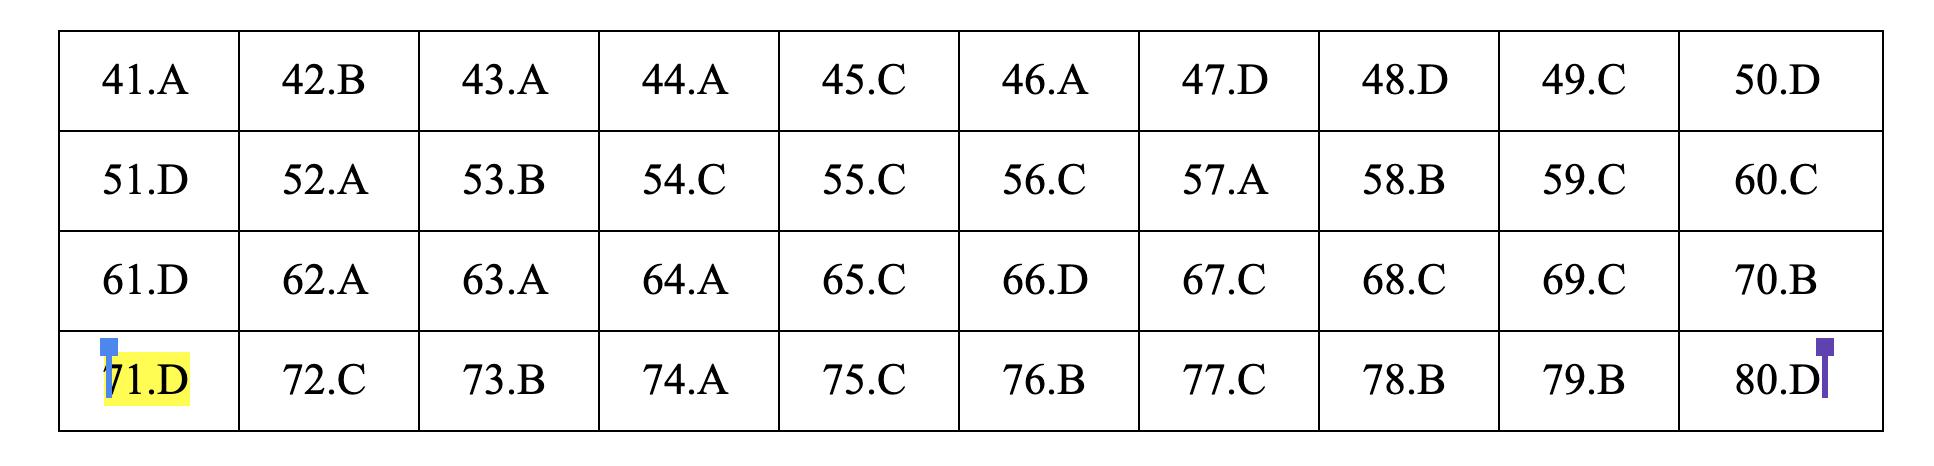 Đáp án tham khảo môn Hóa học thi THPT quốc gia 2019 tất cả các mã đề